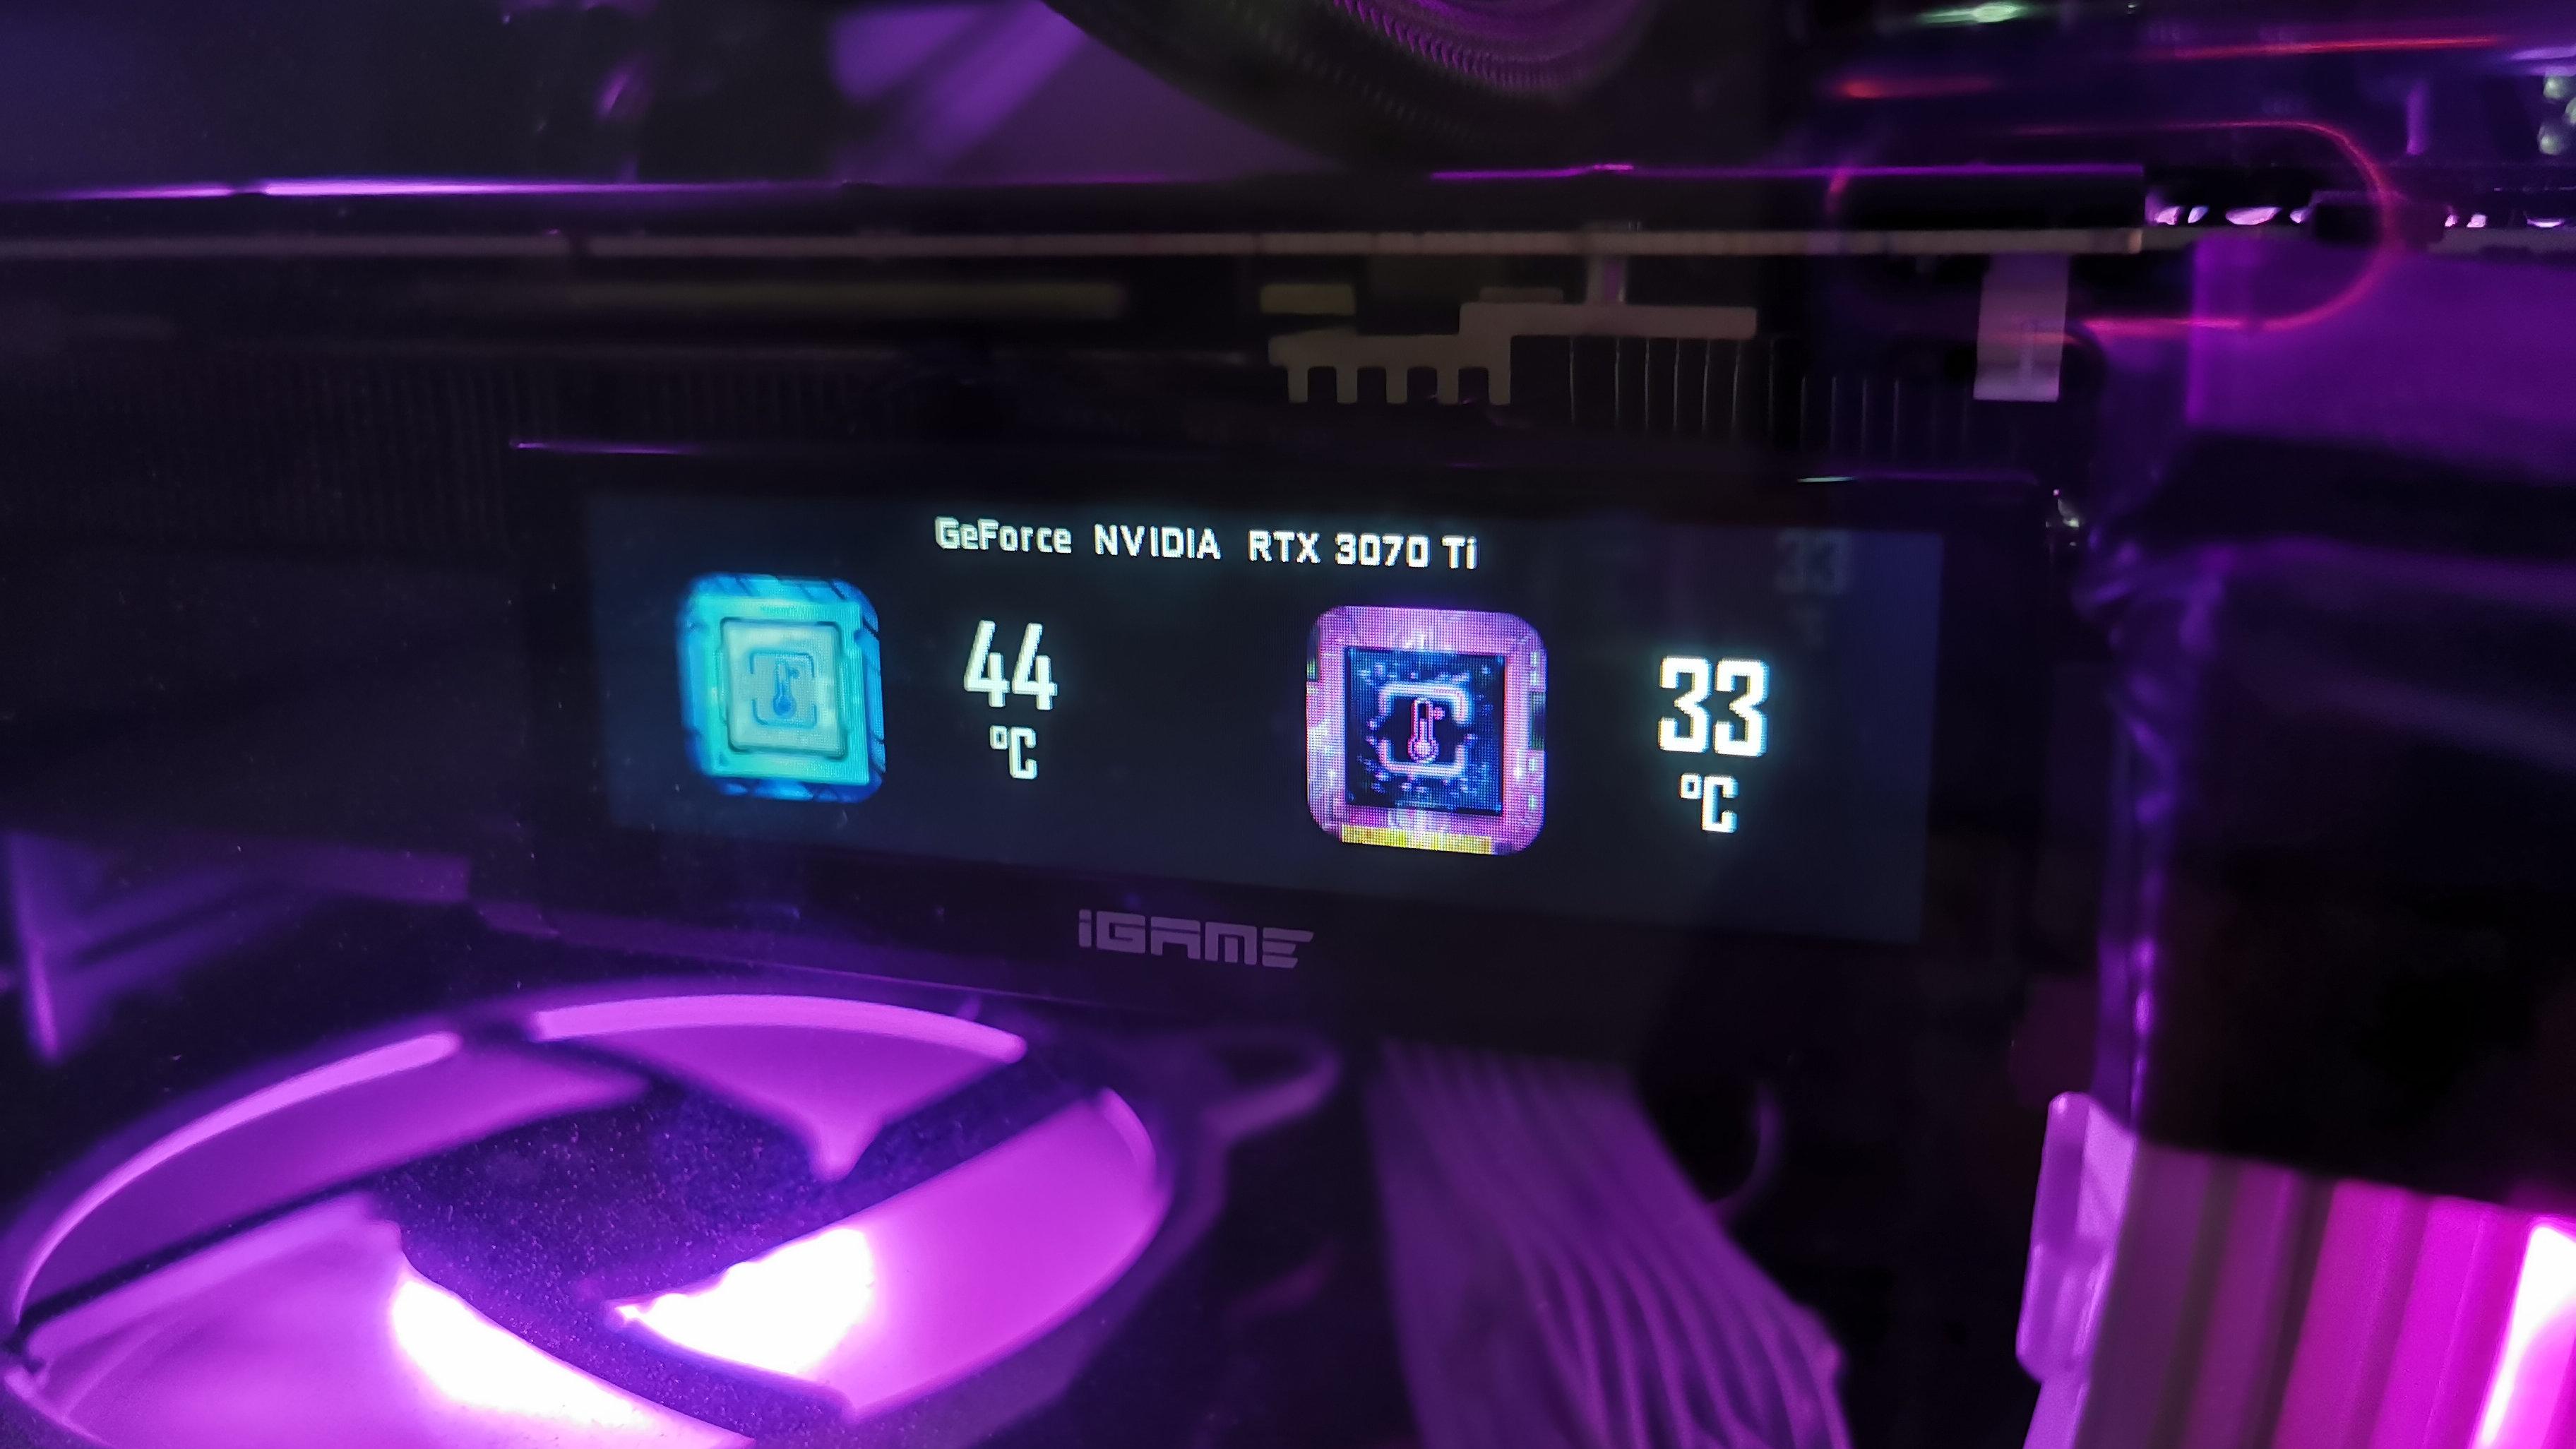 Colorido iGame GeForce RTX 3070 Ti Vulcan